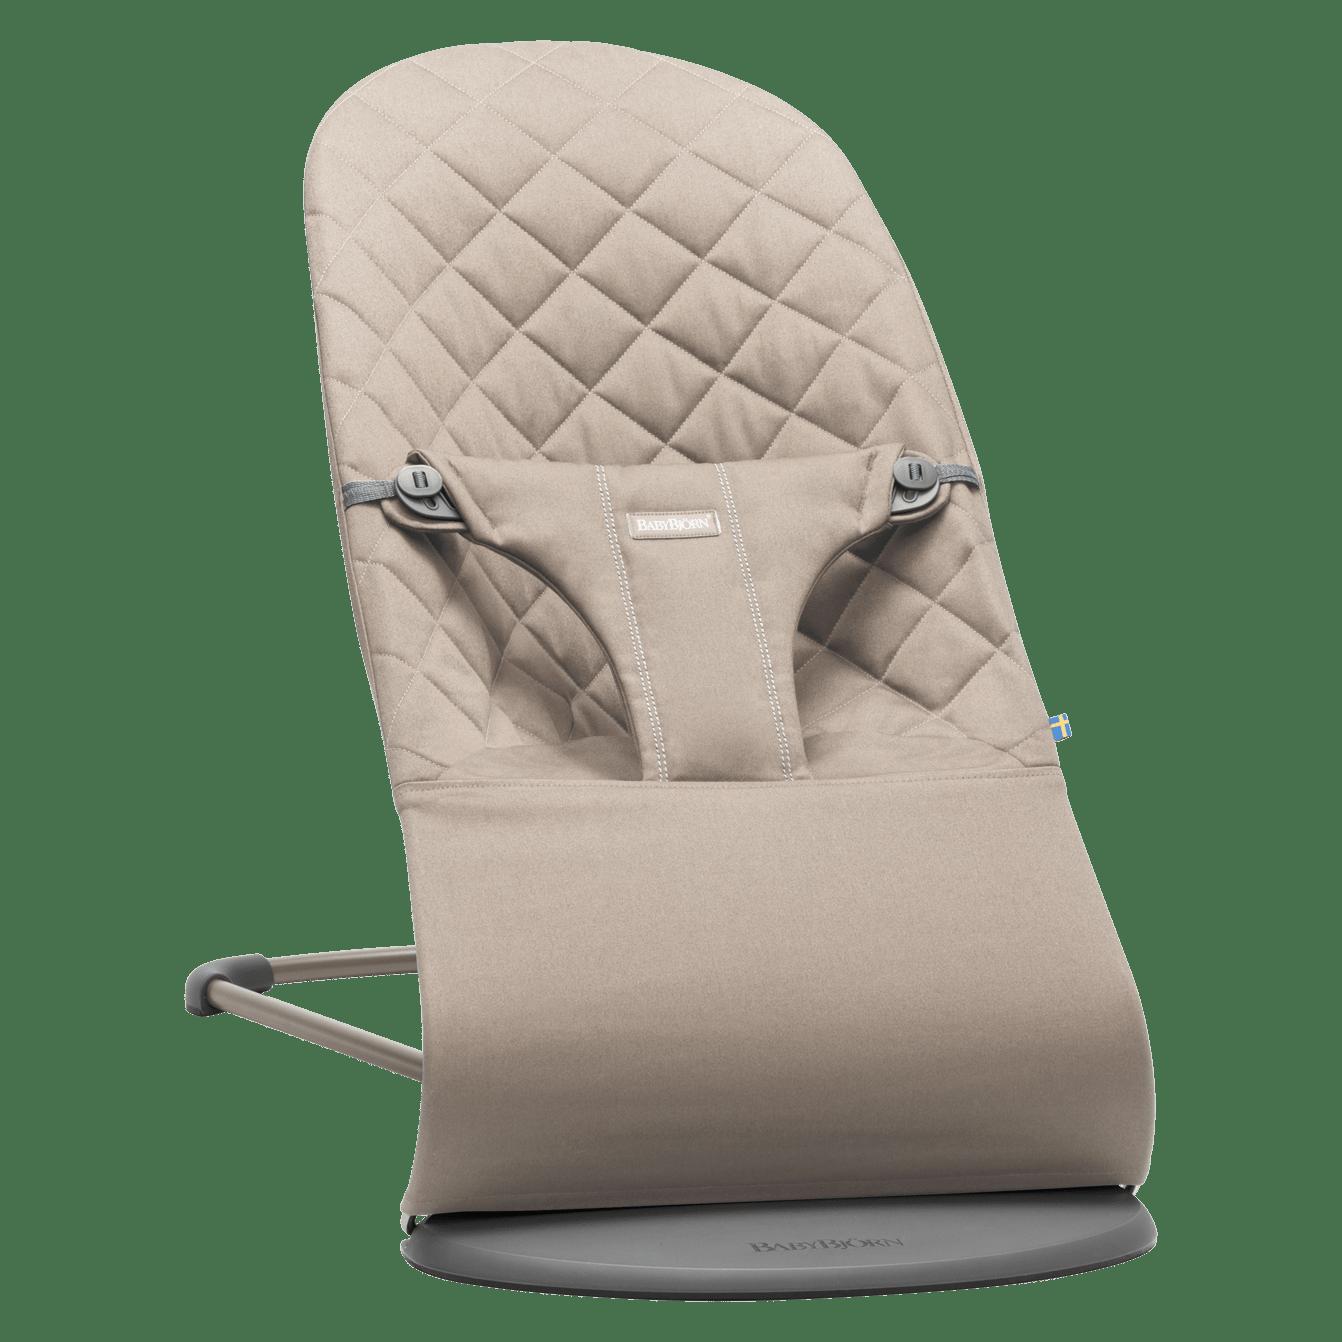 Крісло-шезлонг Balance Sand Grey Mesh (сірий) - купить в интернет-магазине Юнимед